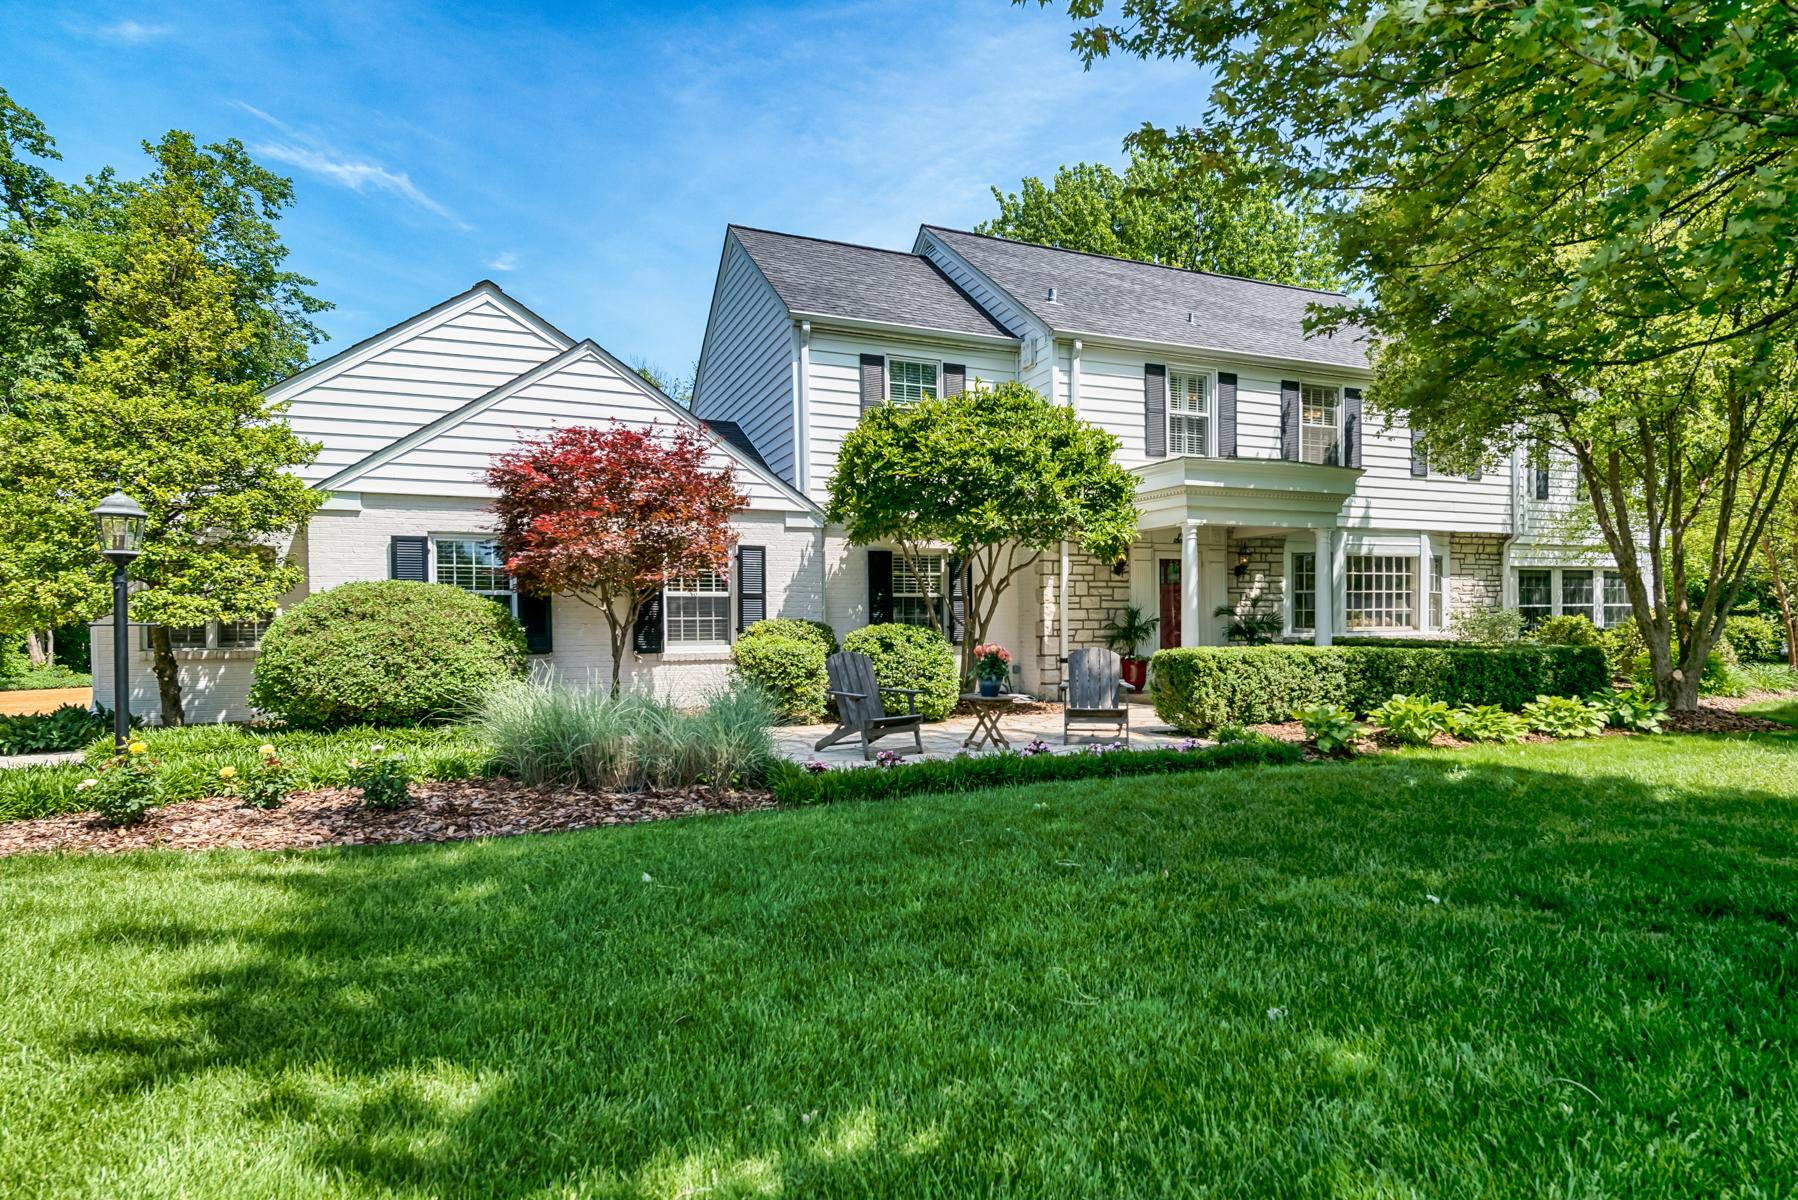 Maison unifamiliale pour l Vente à Fox Meadows 6 Fox Meadows Lane Sunset Hills, Missouri, 63127 États-Unis